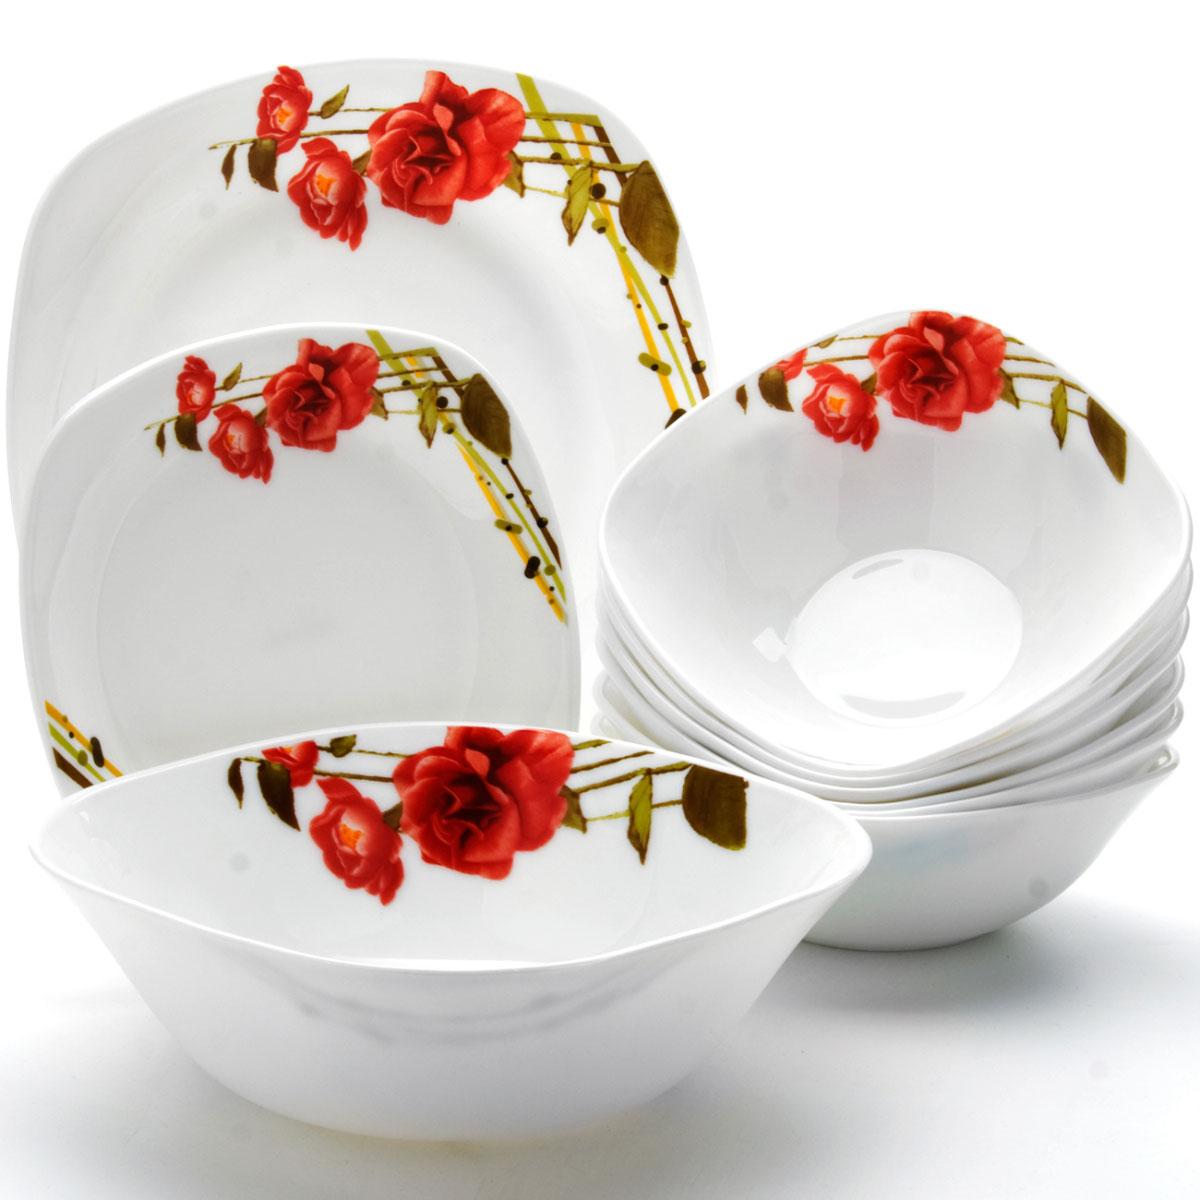 Сервиз столовый Mayer & Boch, 19 предметов. 24100420040Сервиз столовый Mayer & Boch состоит из 6 обеденных тарелок, 6 десертных тарелок, 6 суповых тарелок и 1 салатника. Предметы набора изготовлены из стекла с гладким качественным покрытием и украшены изысканным изображением красных роз. Набор создаст отличное настроение во время обеда, будет уместен на любой кухне и понравится каждой хозяйке. Красочное оформление предметов набора придает ему оригинальность и торжественность. Практичный и современный дизайн делает набор довольно простым и удобным в эксплуатации.Предметы набора можно мыть в посудомоечной машине, использовать в микроволновой печи и холодильнике.Размер суповой тарелки: 17,8 х 17,8 см.Объем суповой тарелки: 650 мл. Размер обеденной тарелки: 26,7 х 26,7 см.Размер десертной тарелки: 19 х 19 см.Размер салатника: 22,9 х 22,9 см.Высота стенок салатника: 7,5 см.Объем салатника: 1,4 л.